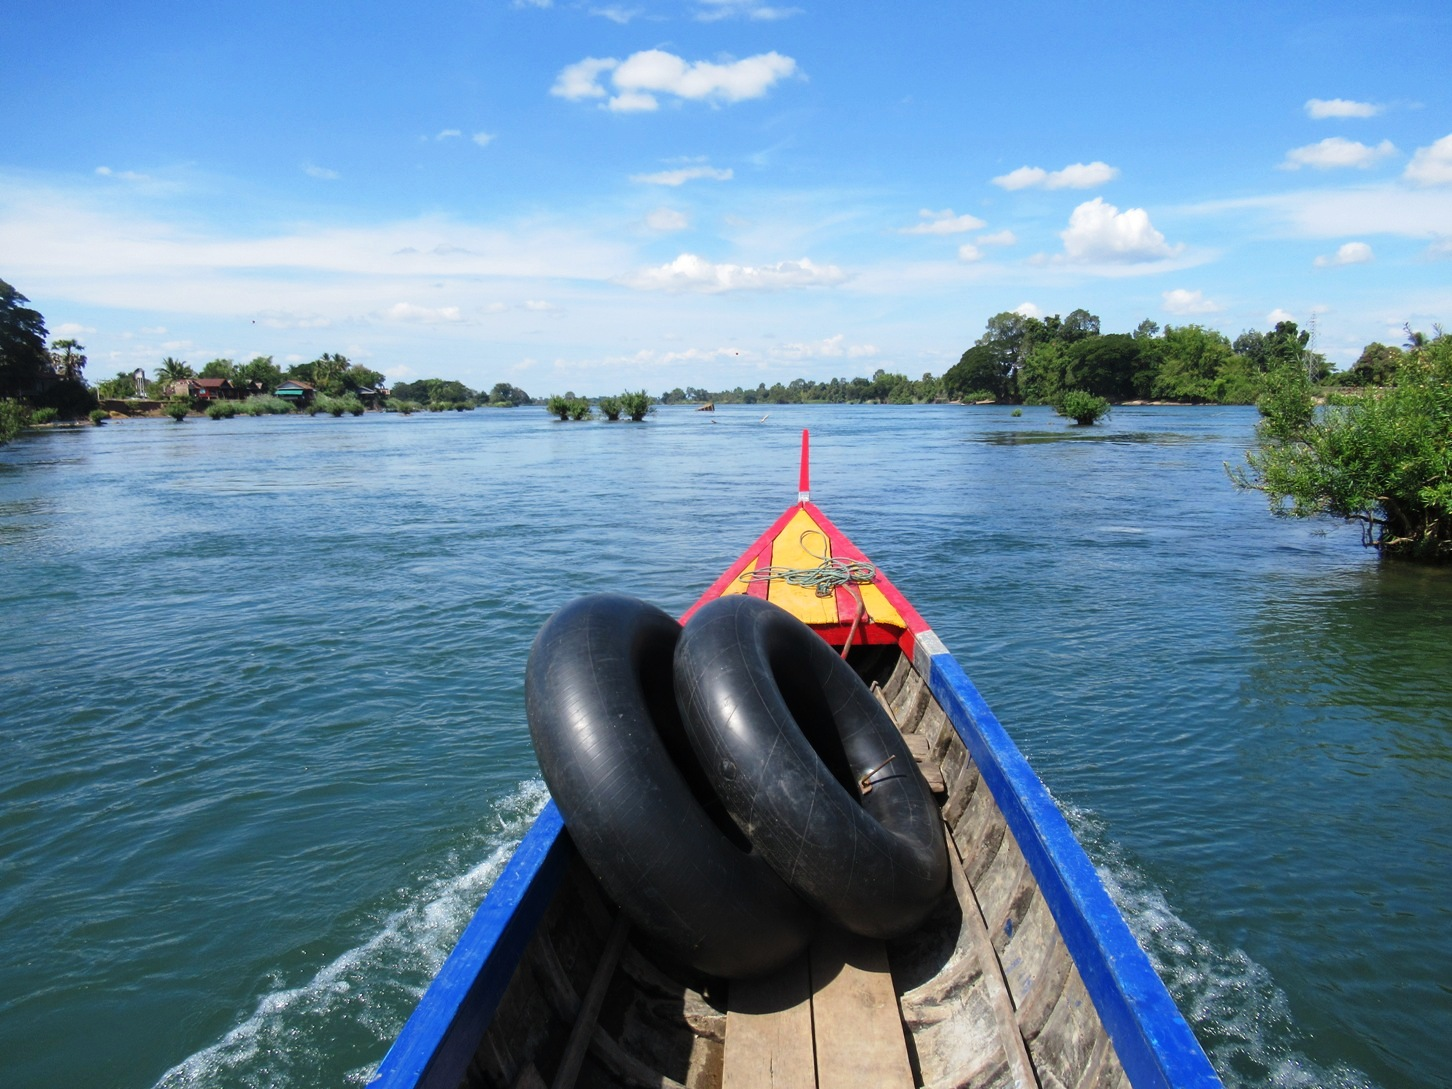 2019-12-laos-si-phan-don-don-det-03-tubing-en-barca-al-norte